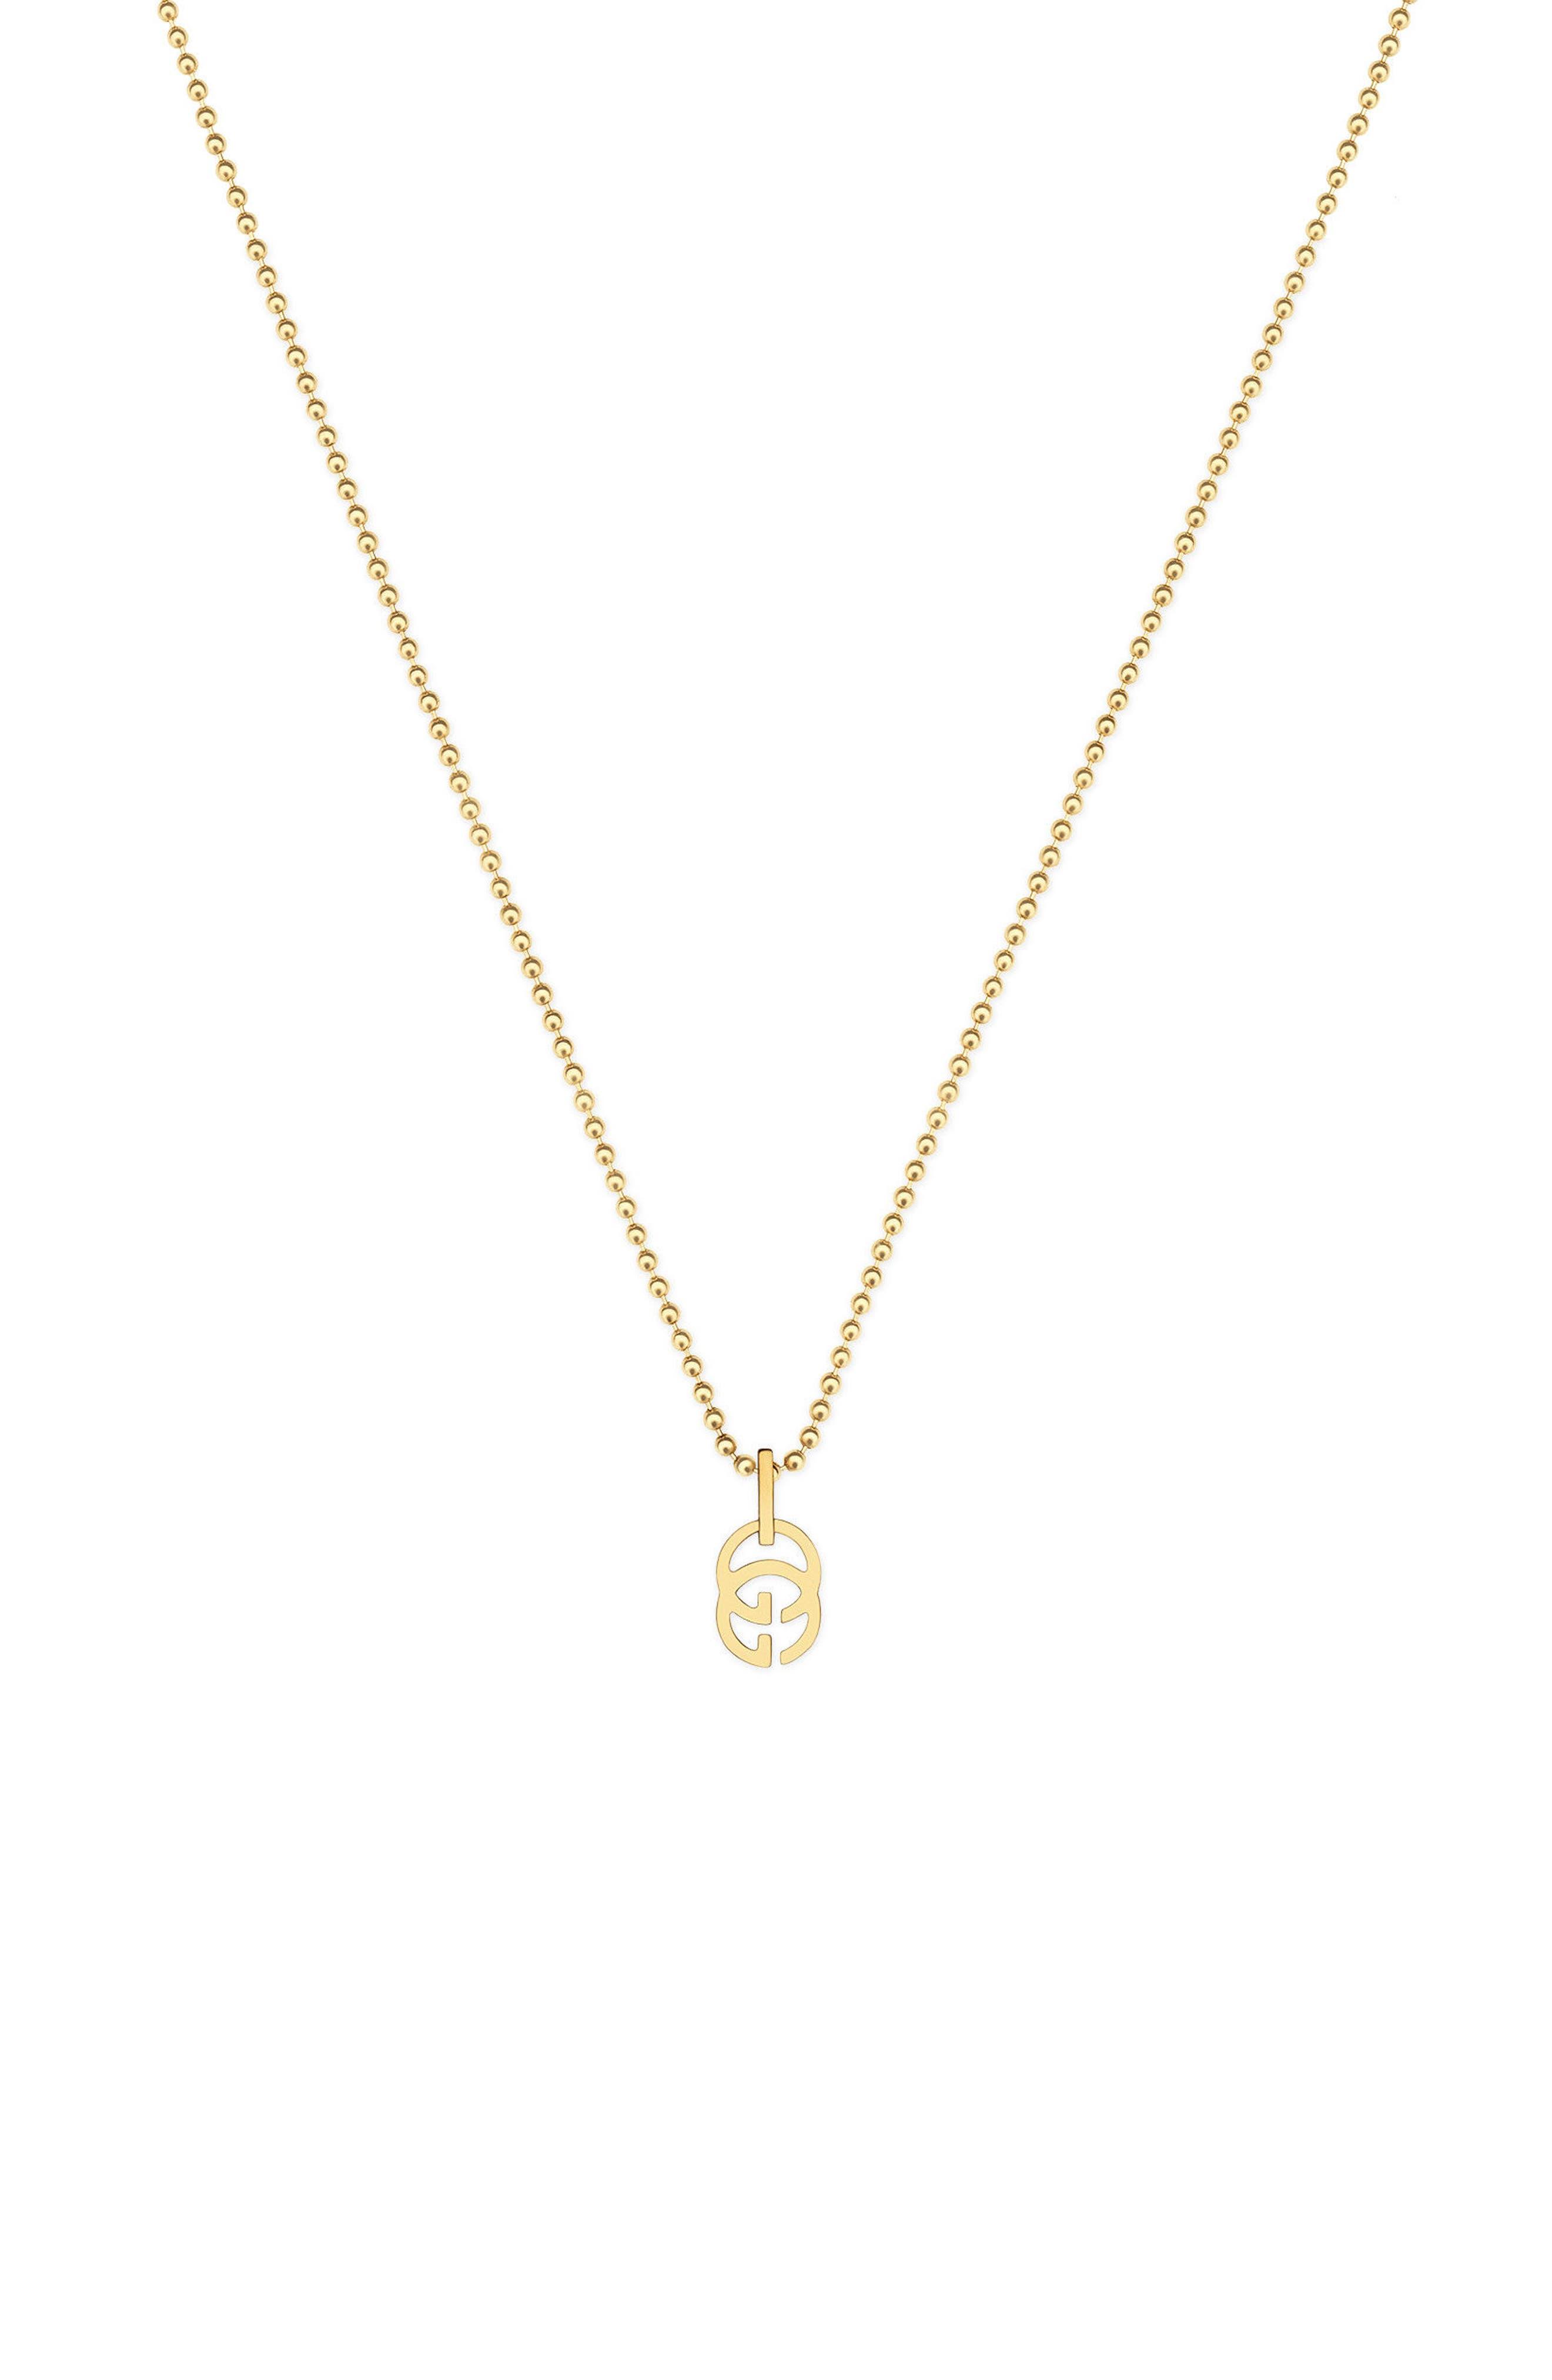 Gucci Double-G Pendant Necklace